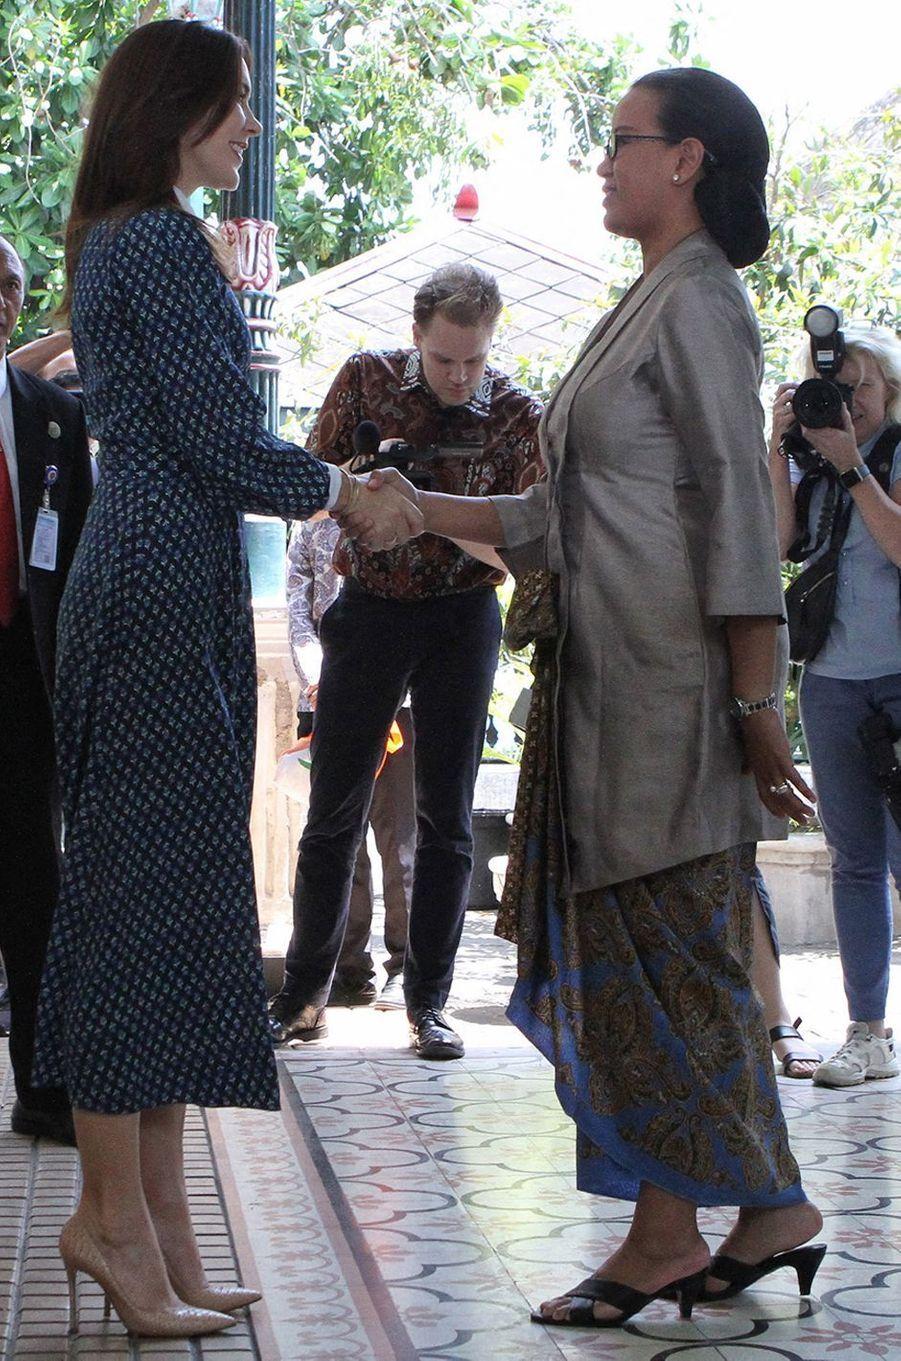 La princesse Mary de Danemark, en Beulah London, à Yogyakarta sur l'île de Java en Indonésie, le 4 décembre 2019